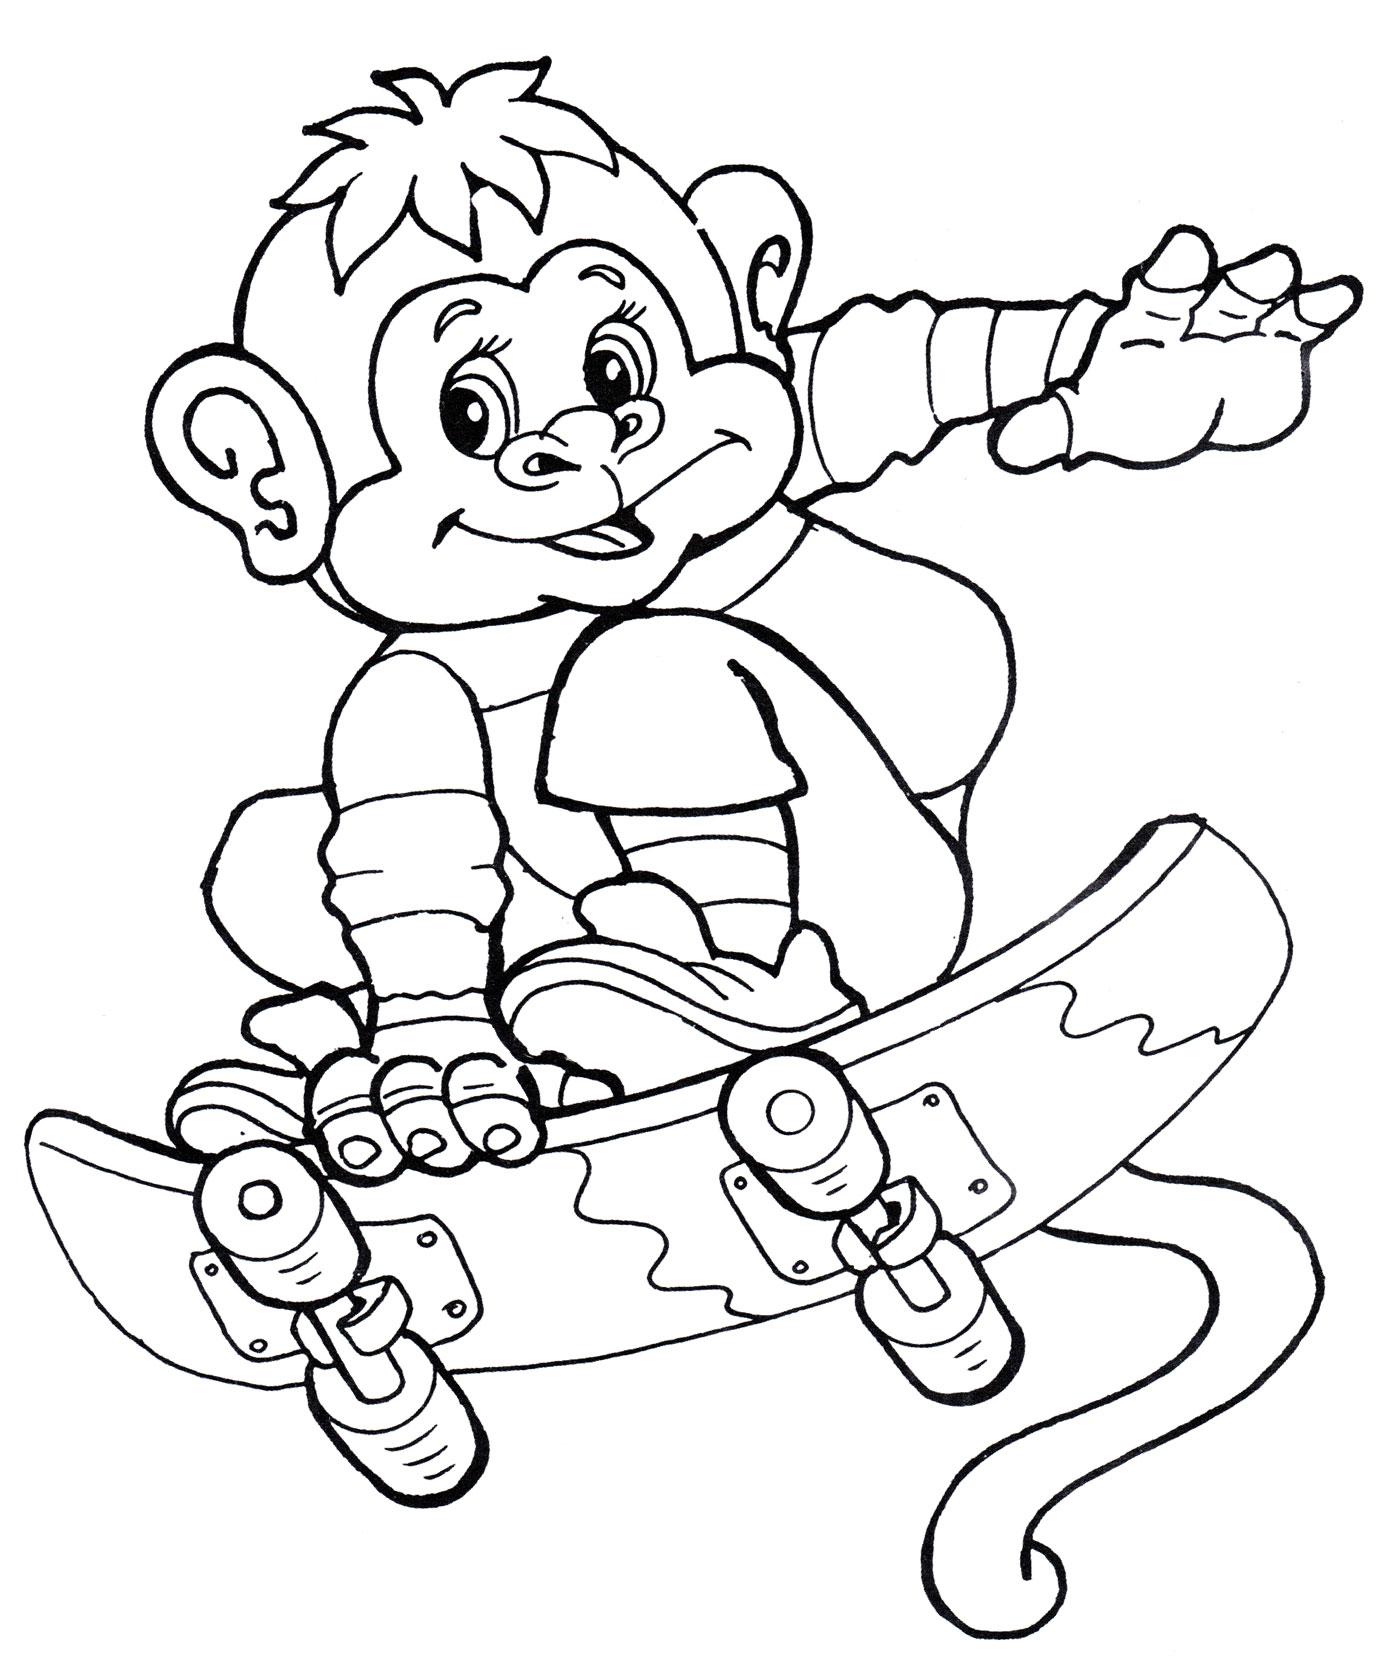 валенсия веселые обезьянки картинки распечатать свойство изделия предотвратить